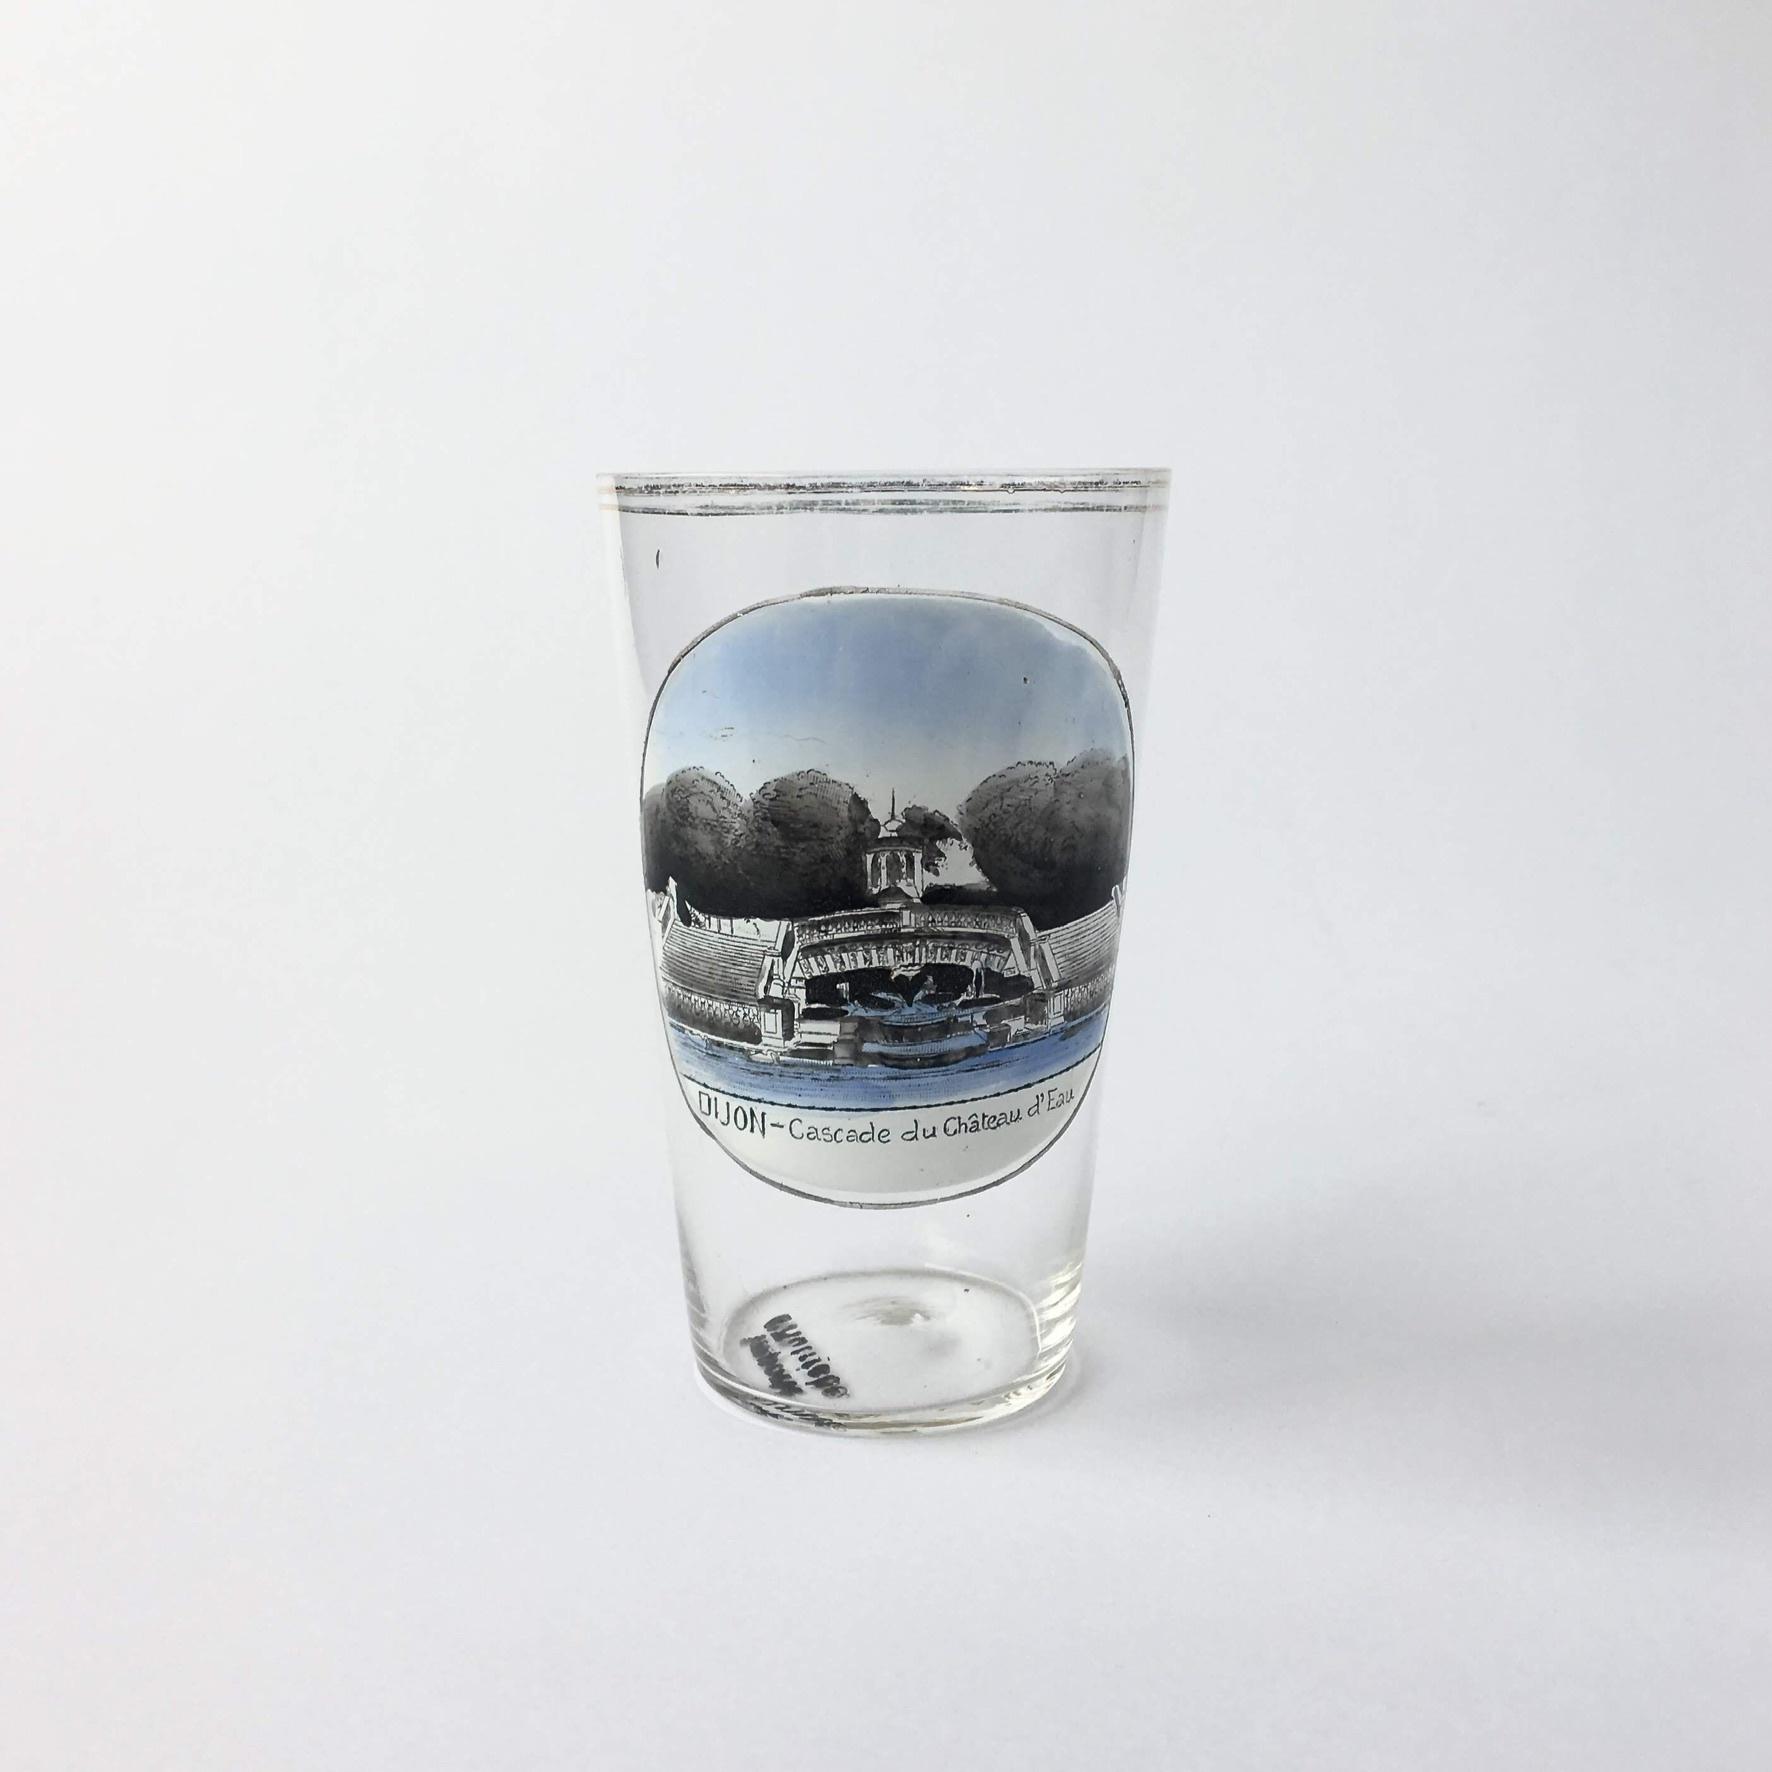 """ヴィンテージ スーベニア グラス「シャトードウの滝」 Vintage Souvenir Glass """"Cascade du Château d'Eau"""""""